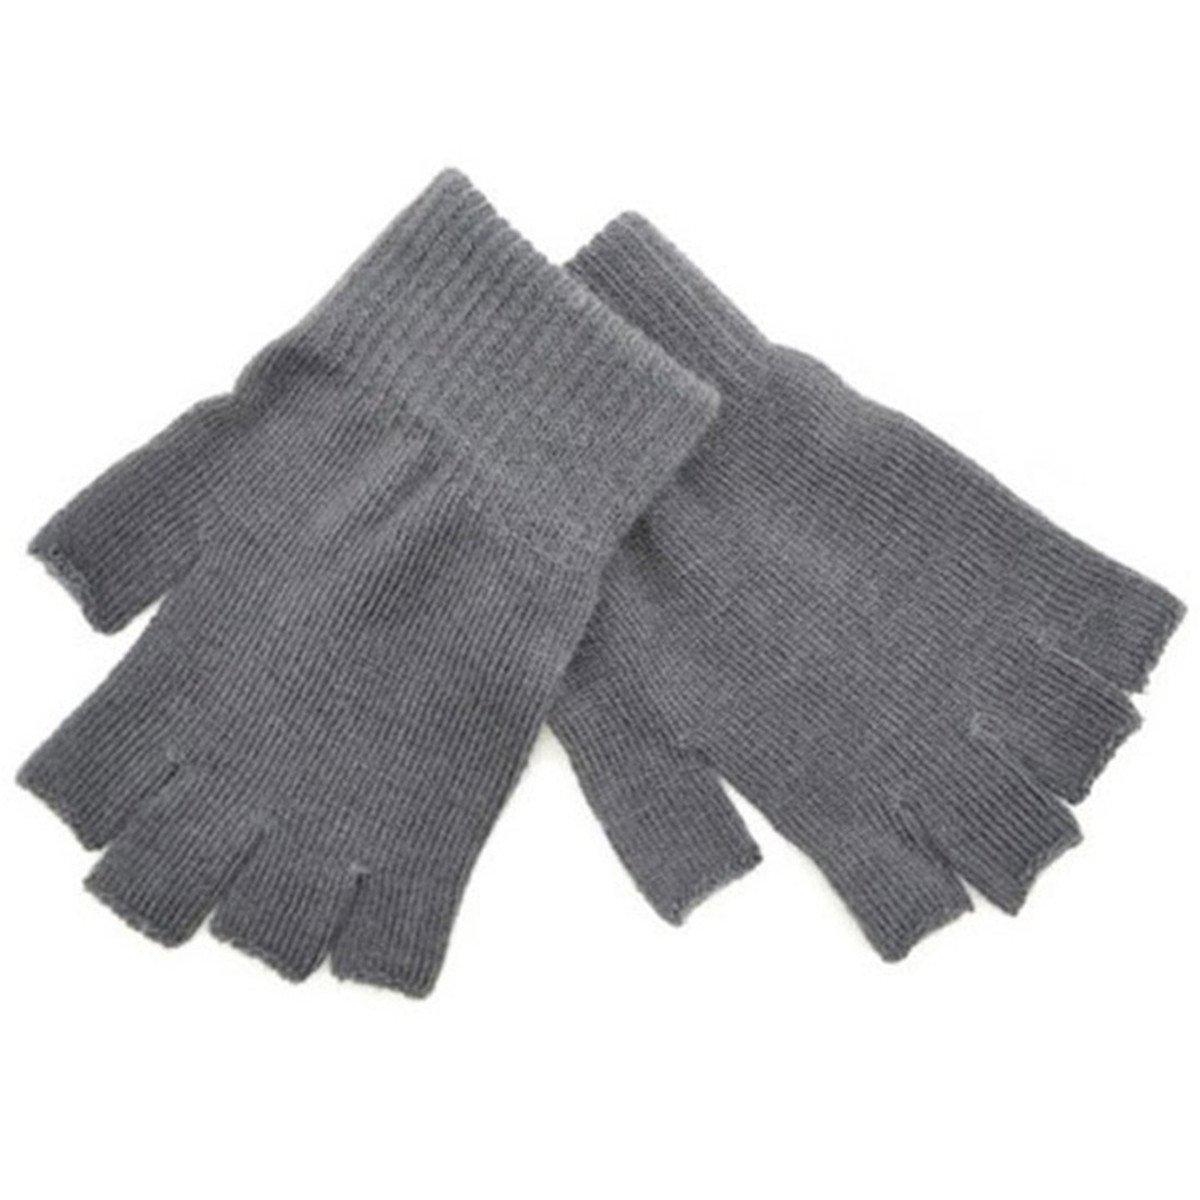 ECYC Guante De Mu/ñEca Sin Dedos Medio Dedo Sin Dedos Calor De Invierno